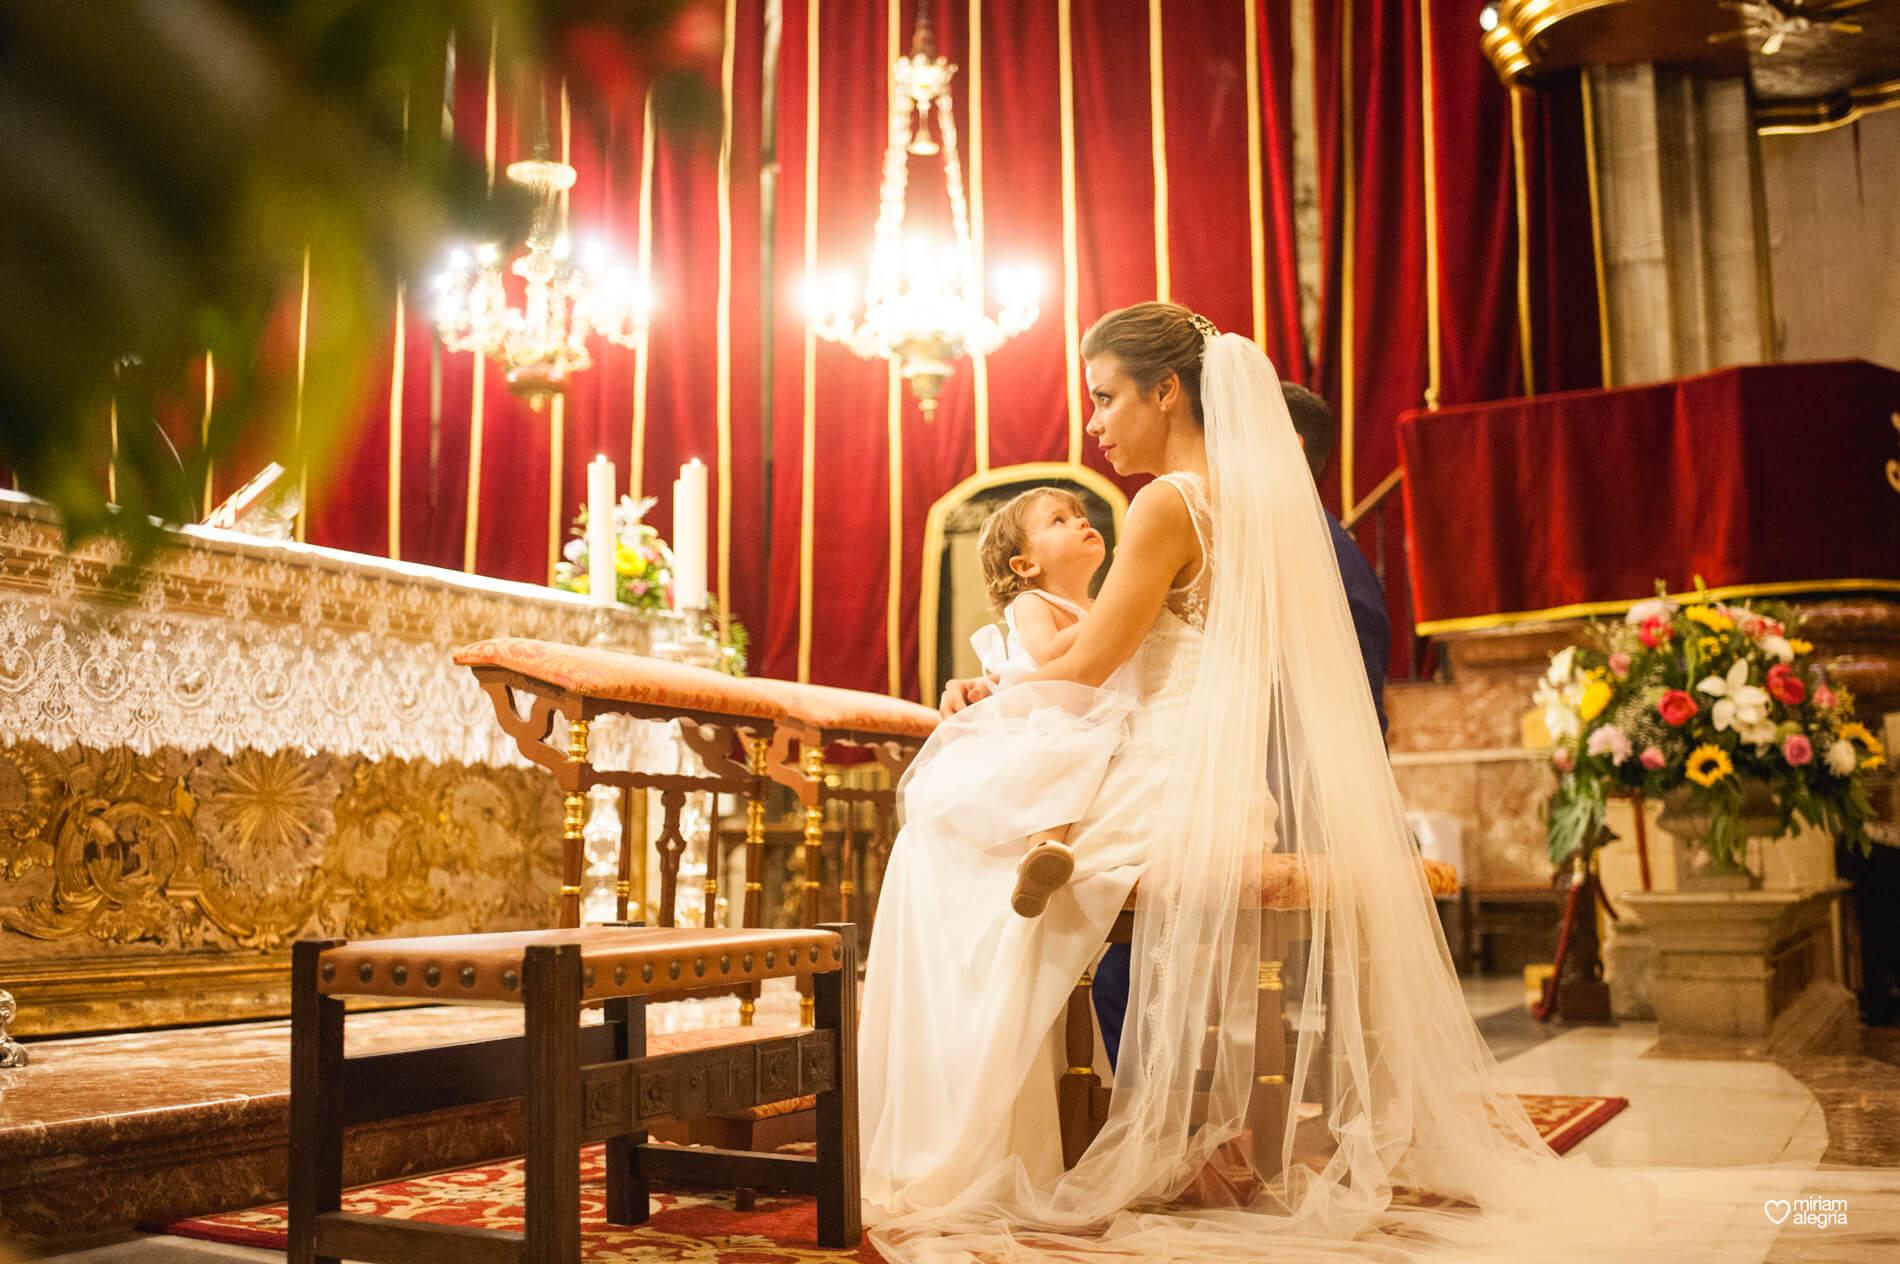 wedding-huerto-del-cura-elche-miriam-alegria-fotografos-boda-216